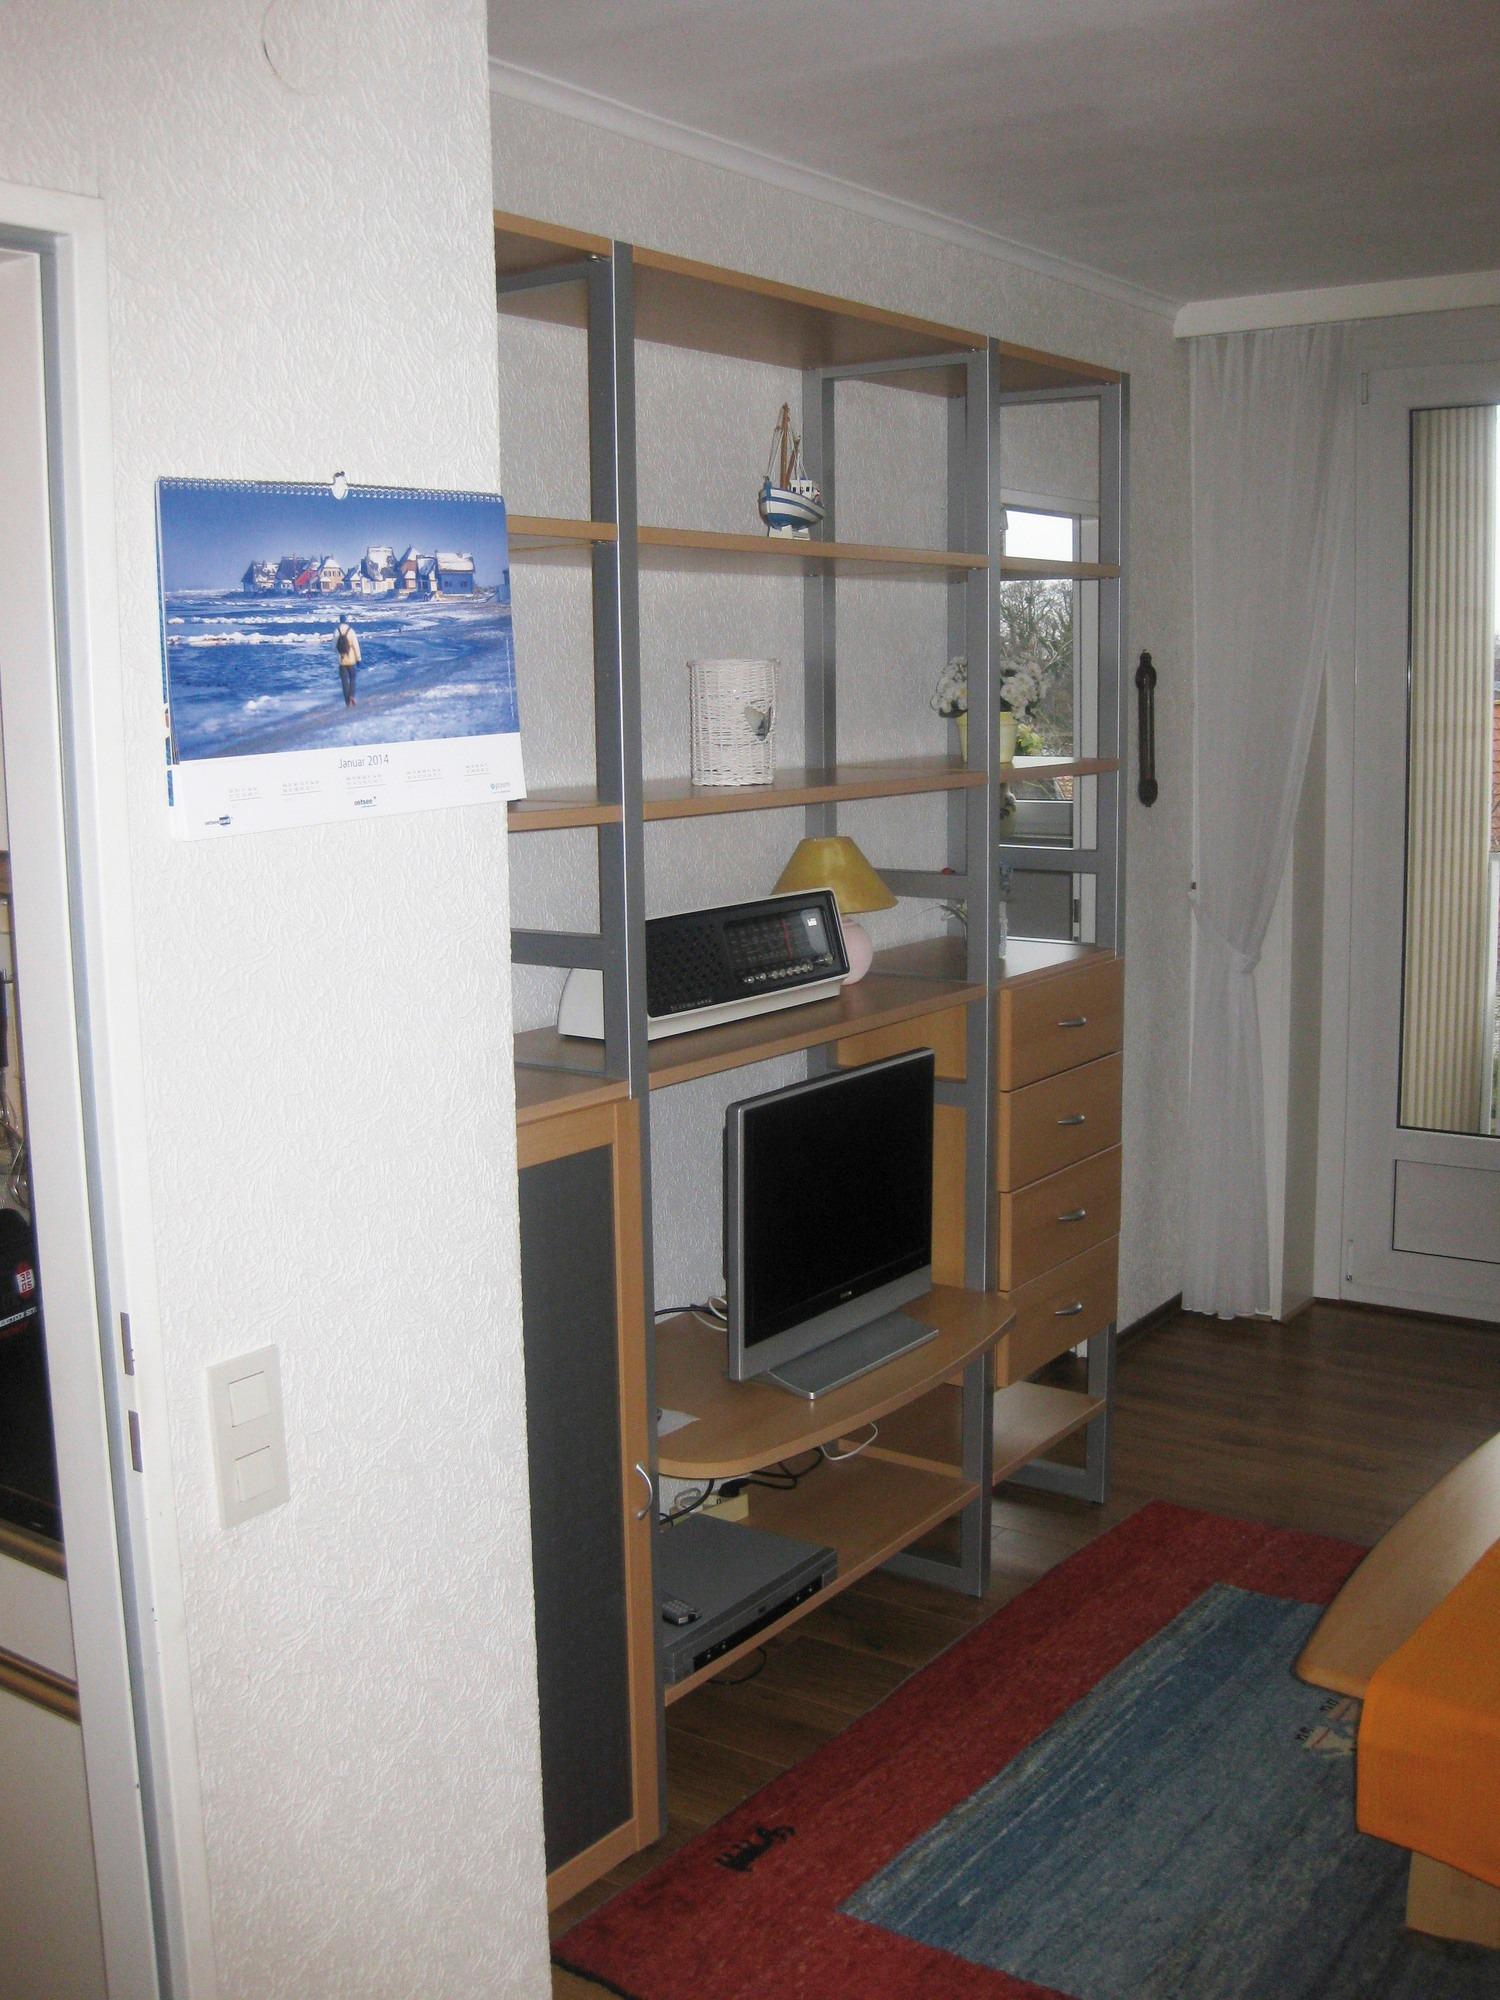 Ferienwohnung Haus Nautic 4-3-6 (887416), Kellenhusen, Lübecker Bucht, Schleswig-Holstein, Deutschland, Bild 4